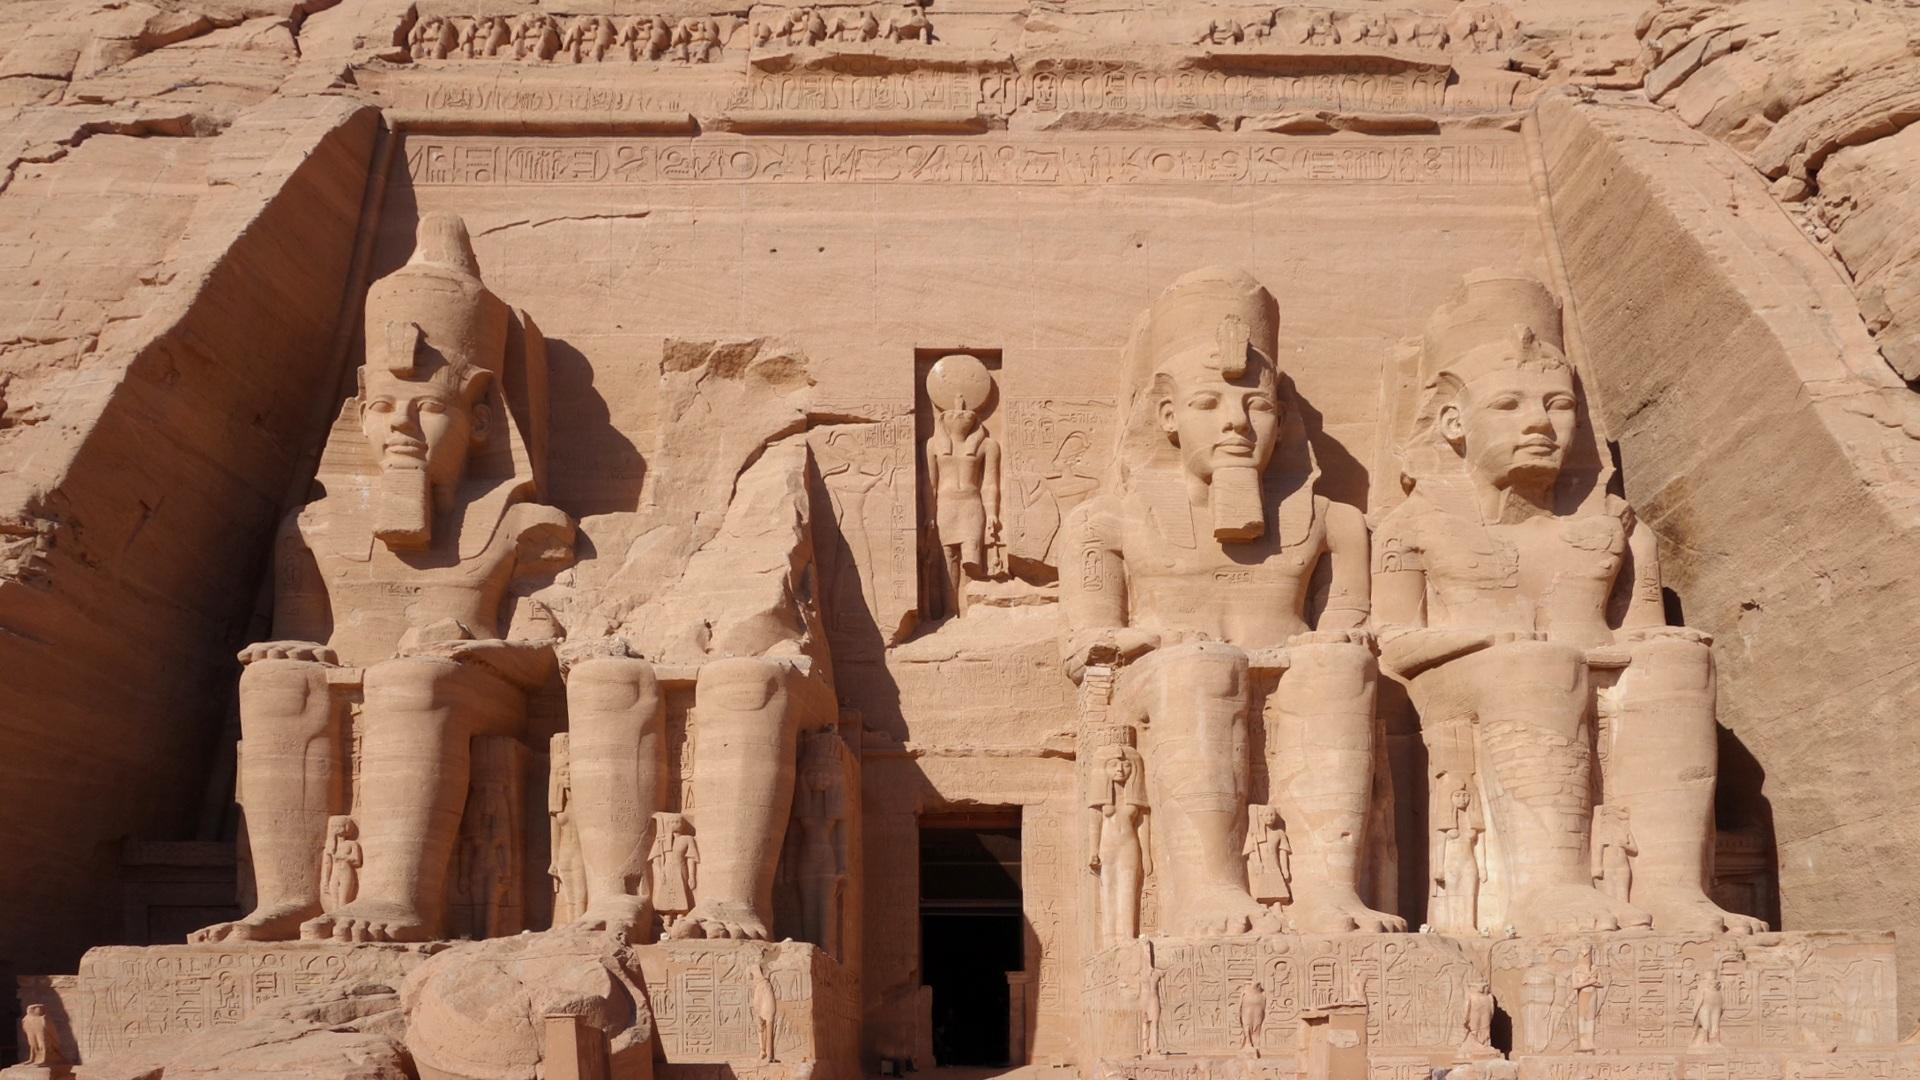 Abu Simbel, Nile Valley, Egypt